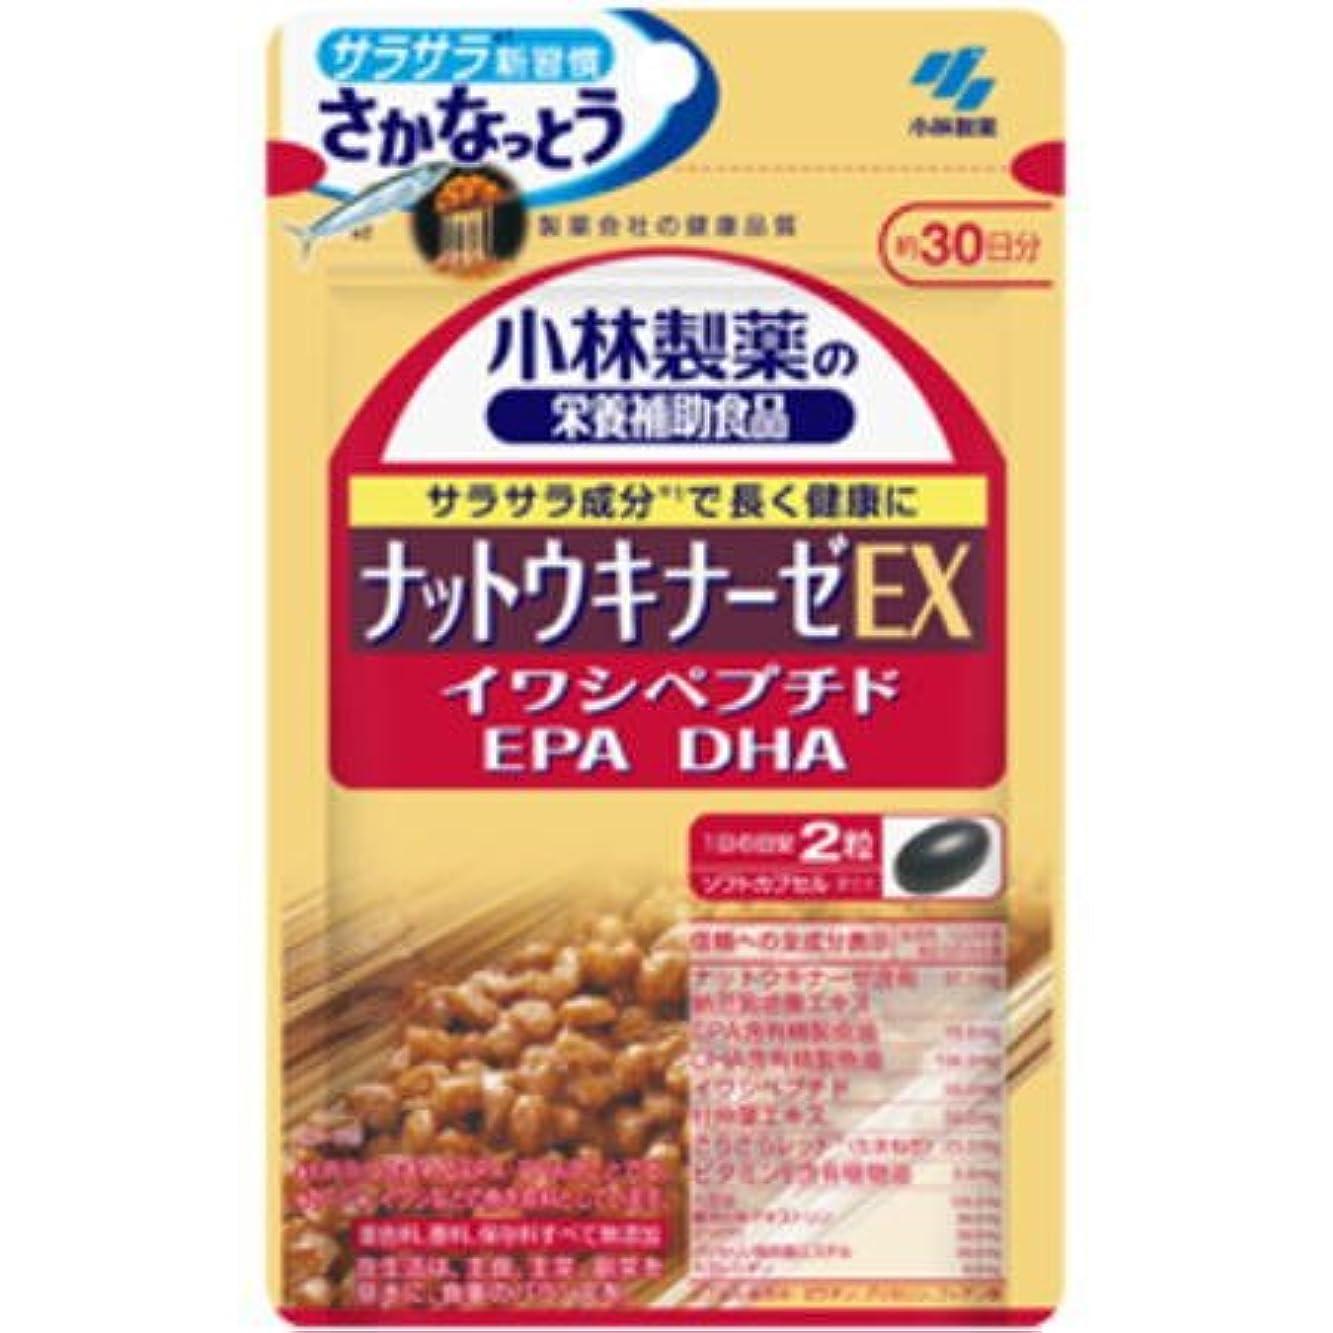 苦しみお嬢犯罪ナットウキナーゼEX(60粒×10個セット)